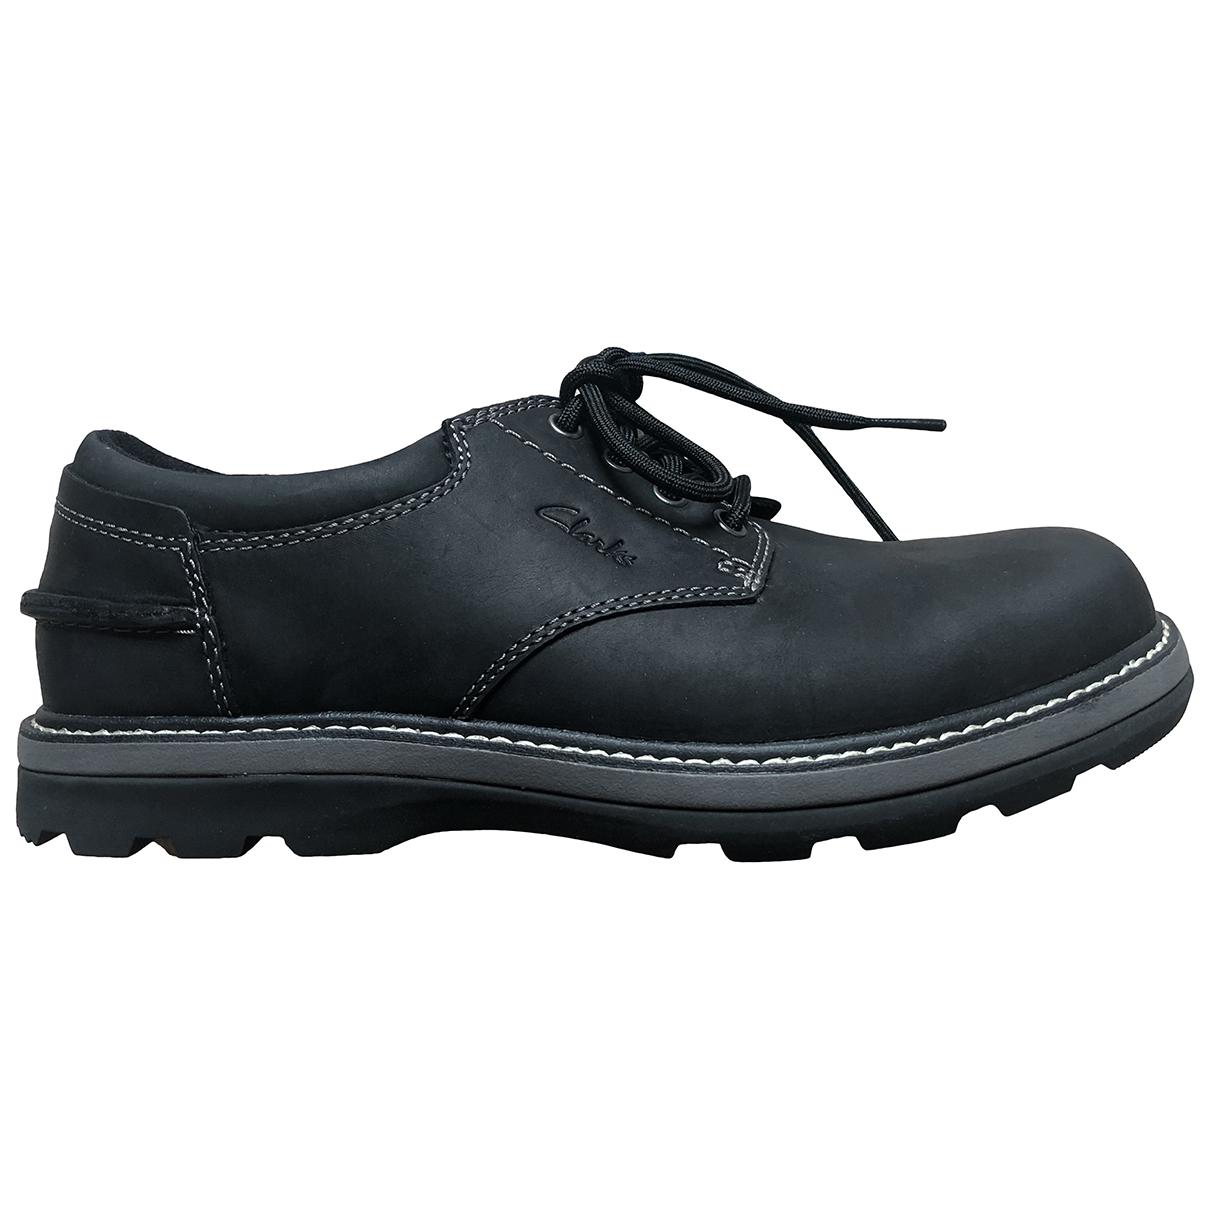 Clarks \N Schnuerschuhe in  Schwarz Leder